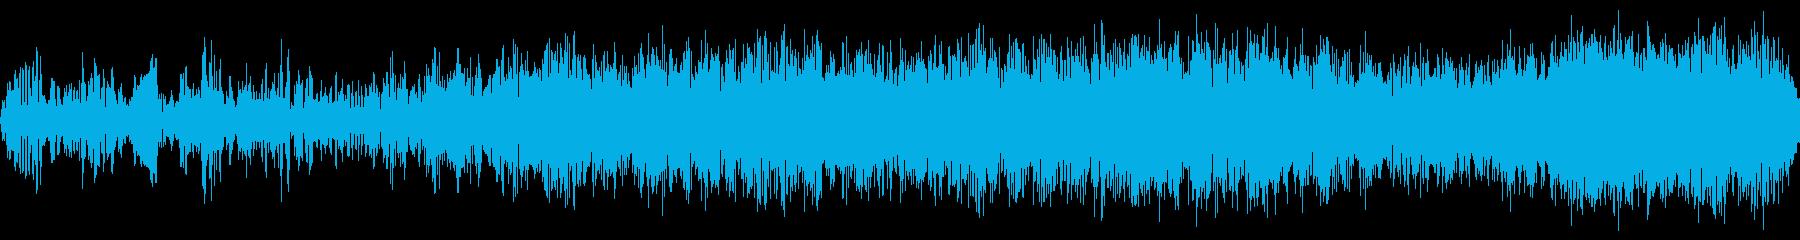 フラタリングノイズ遷移の再生済みの波形